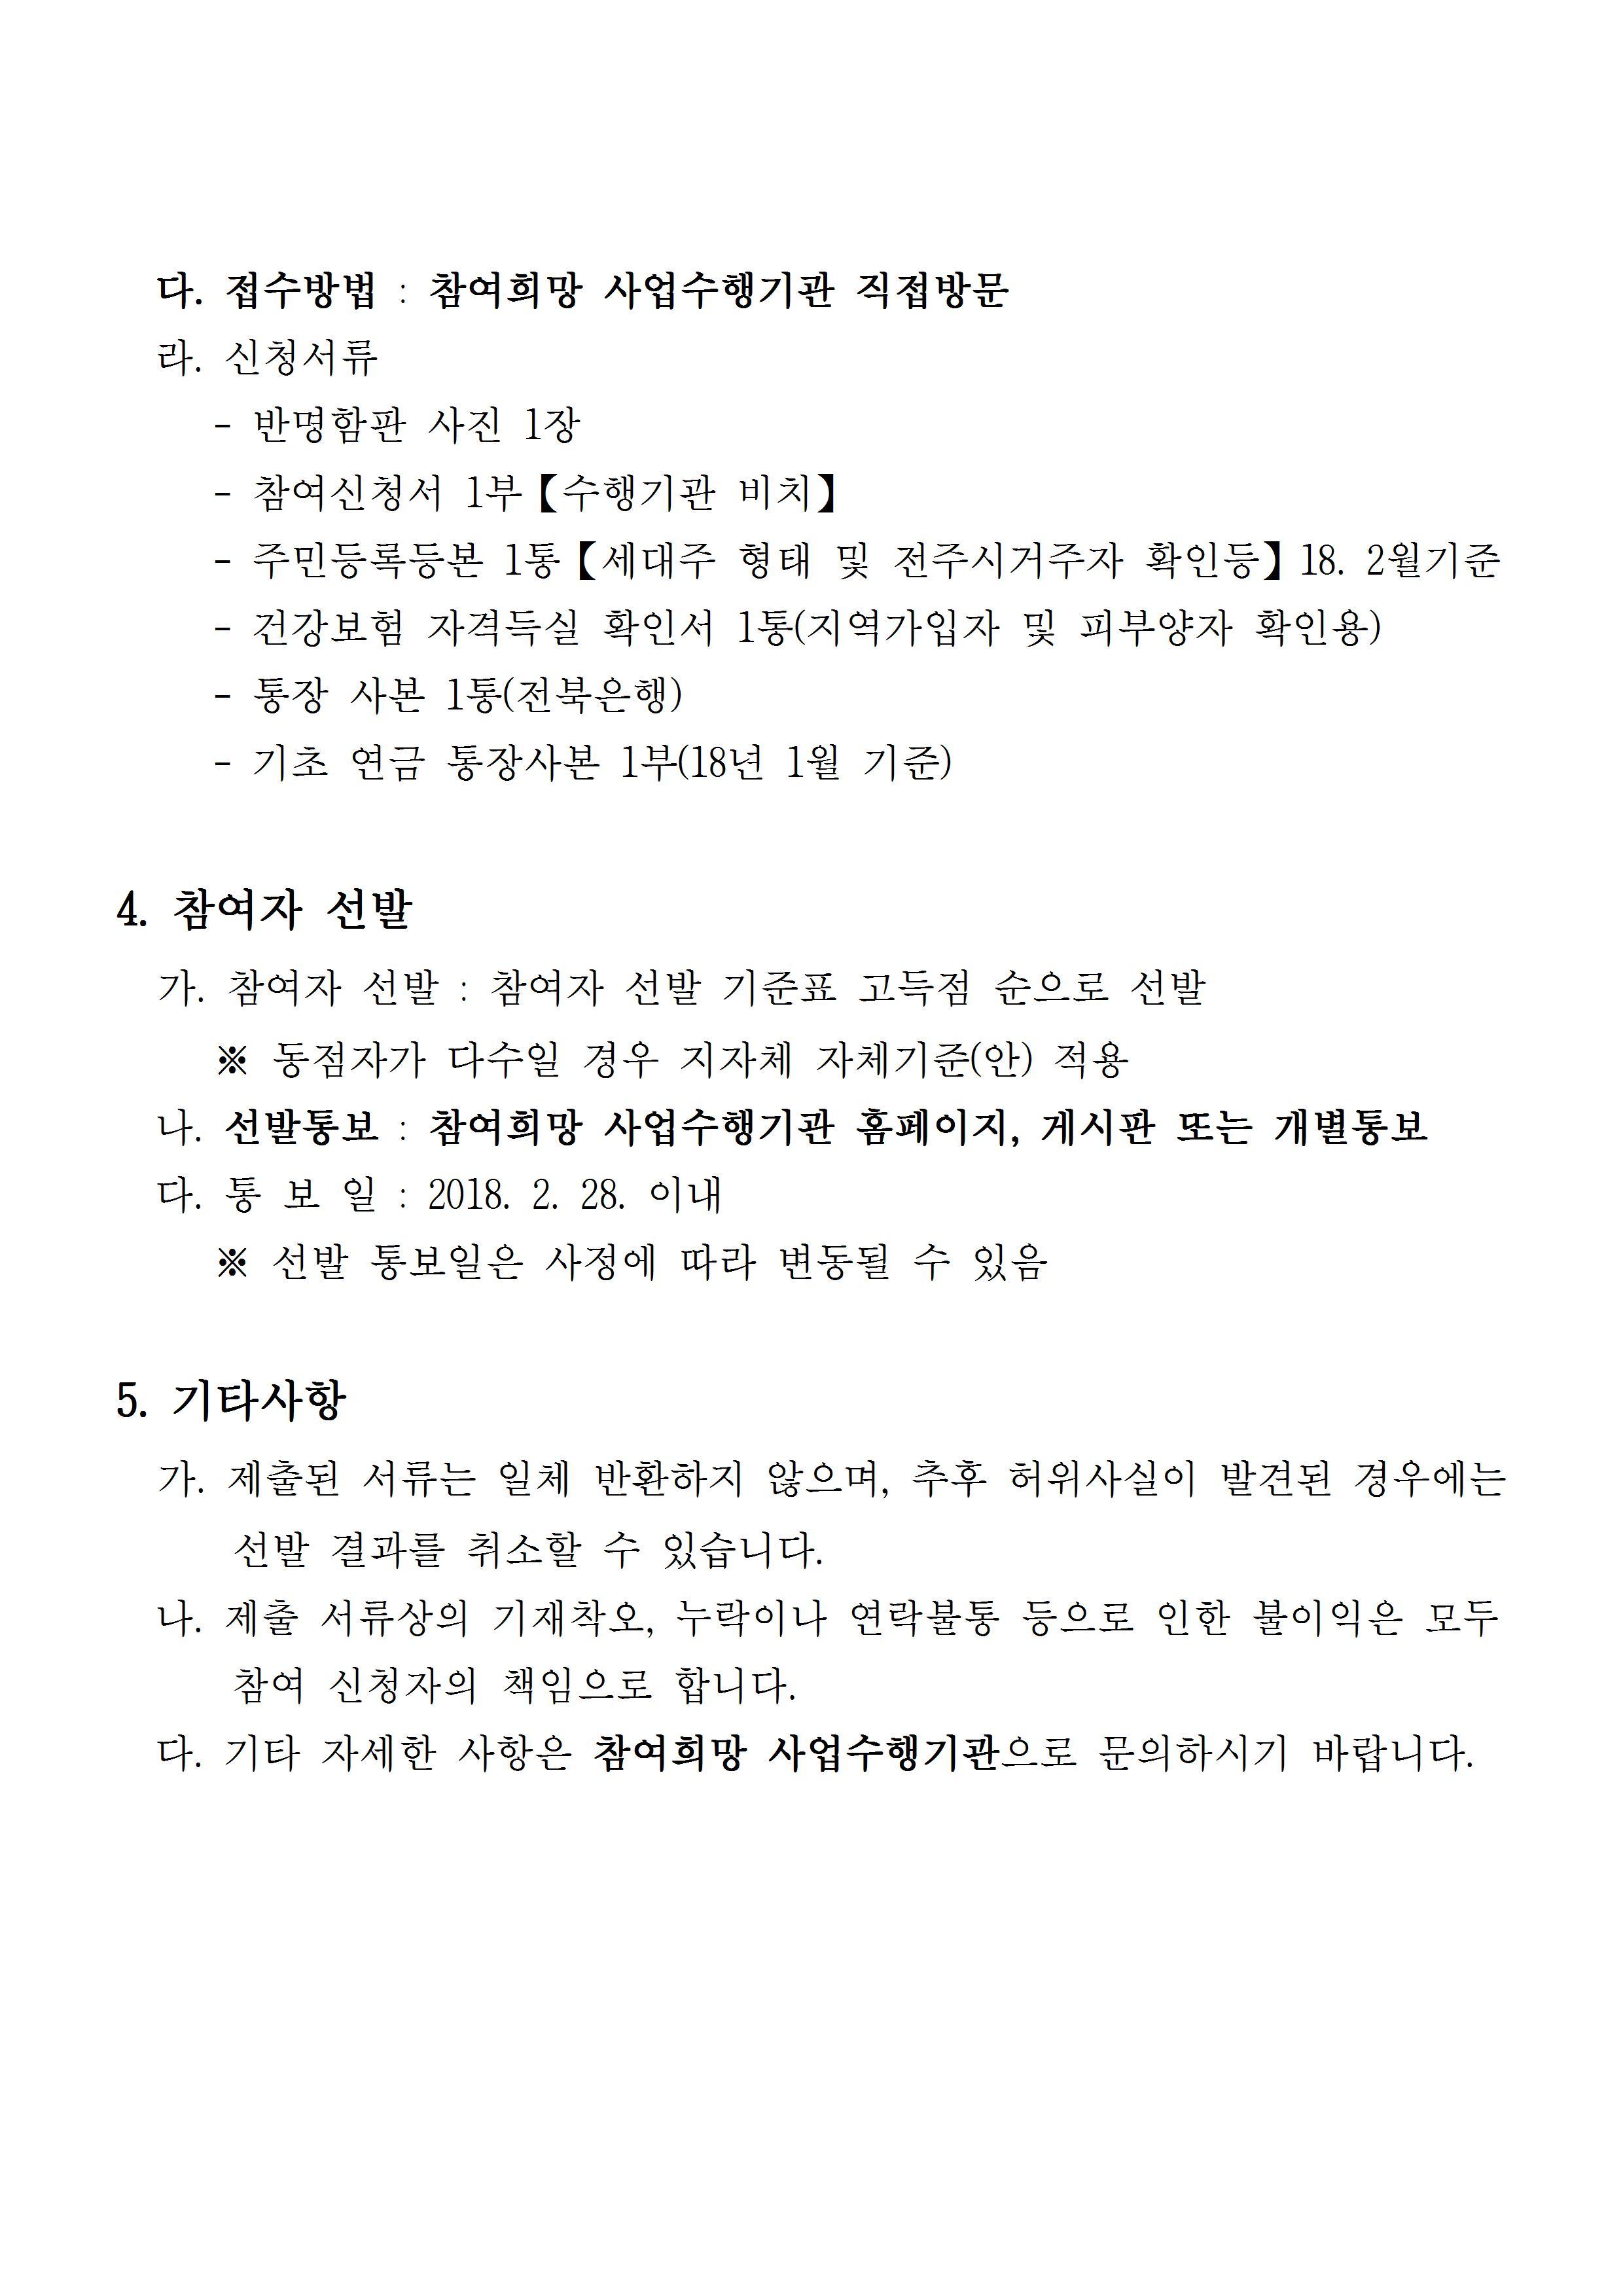 2018년 노인 공익활동(9개월)사업 참여자 모집 공고(안)003.jpg